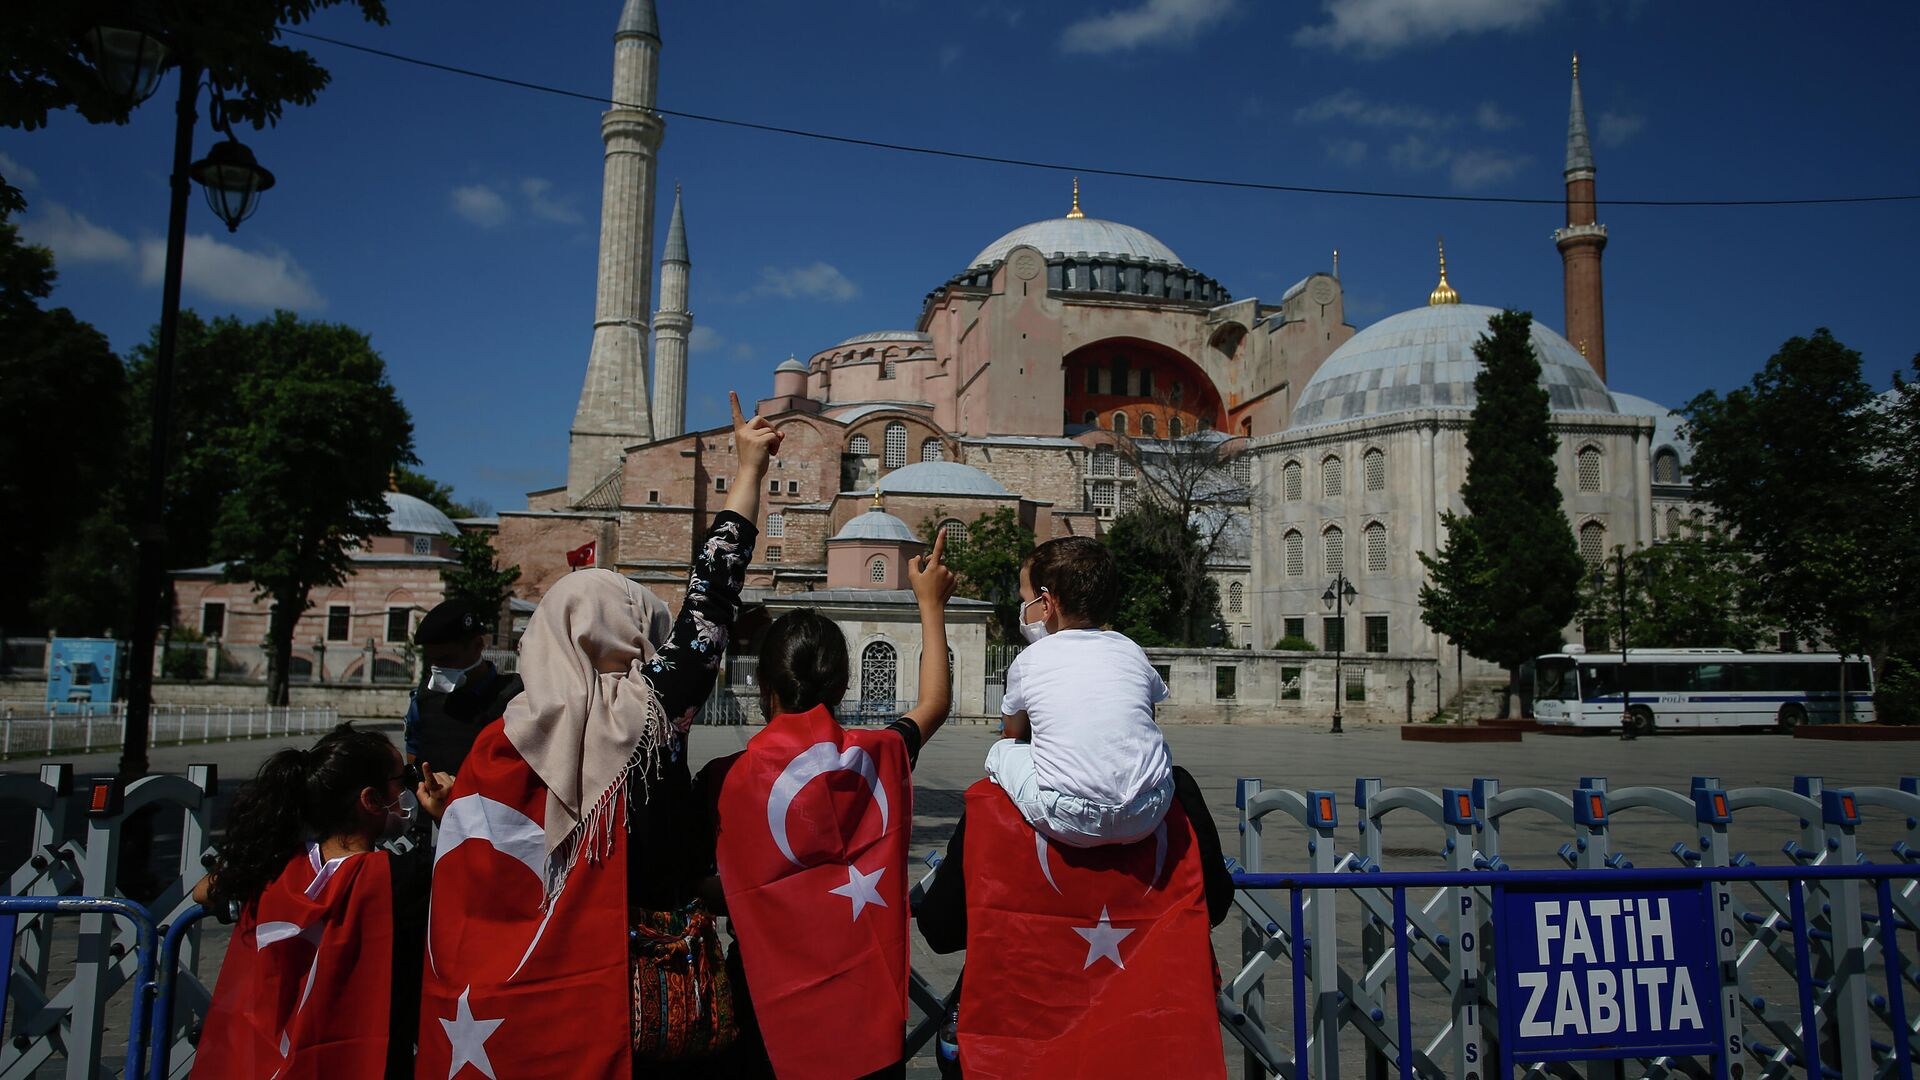 Люди около Собора Святой Софии в Стамбуле  - РИА Новости, 1920, 14.07.2020